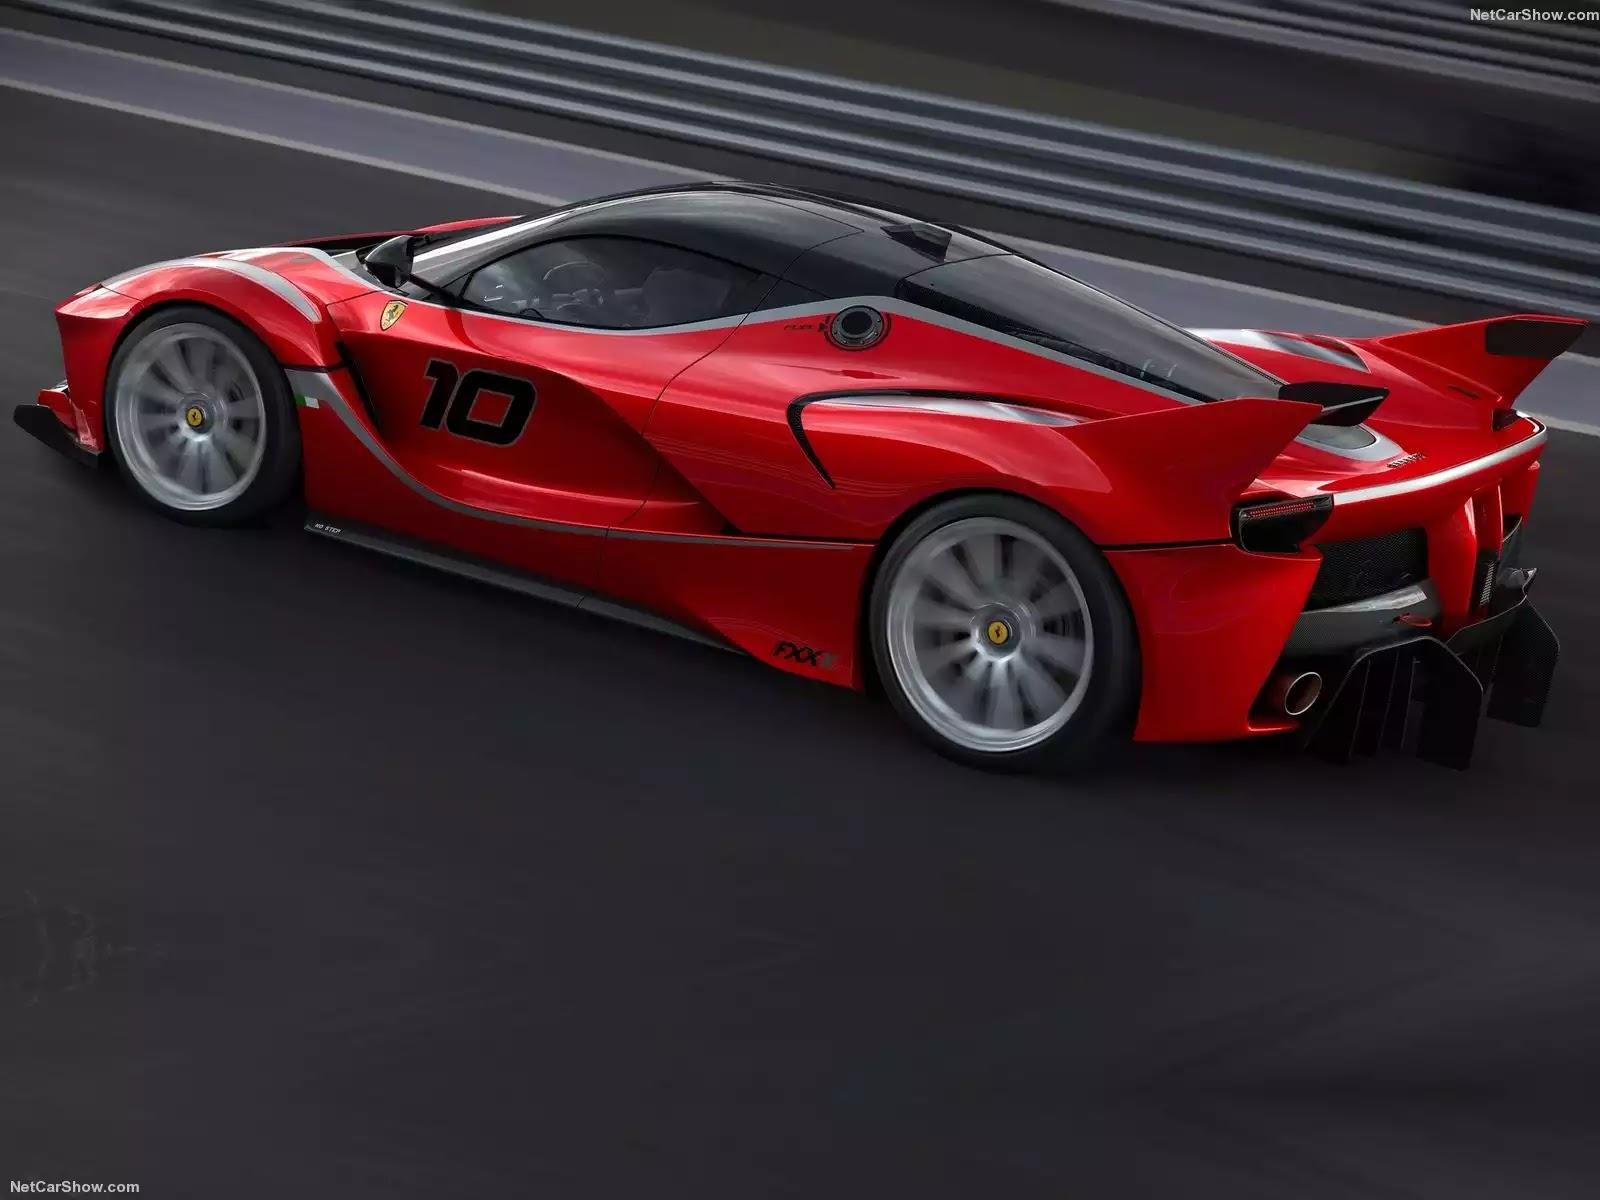 Hình ảnh siêu xe Ferrari FXX K 2015 & nội ngoại thất